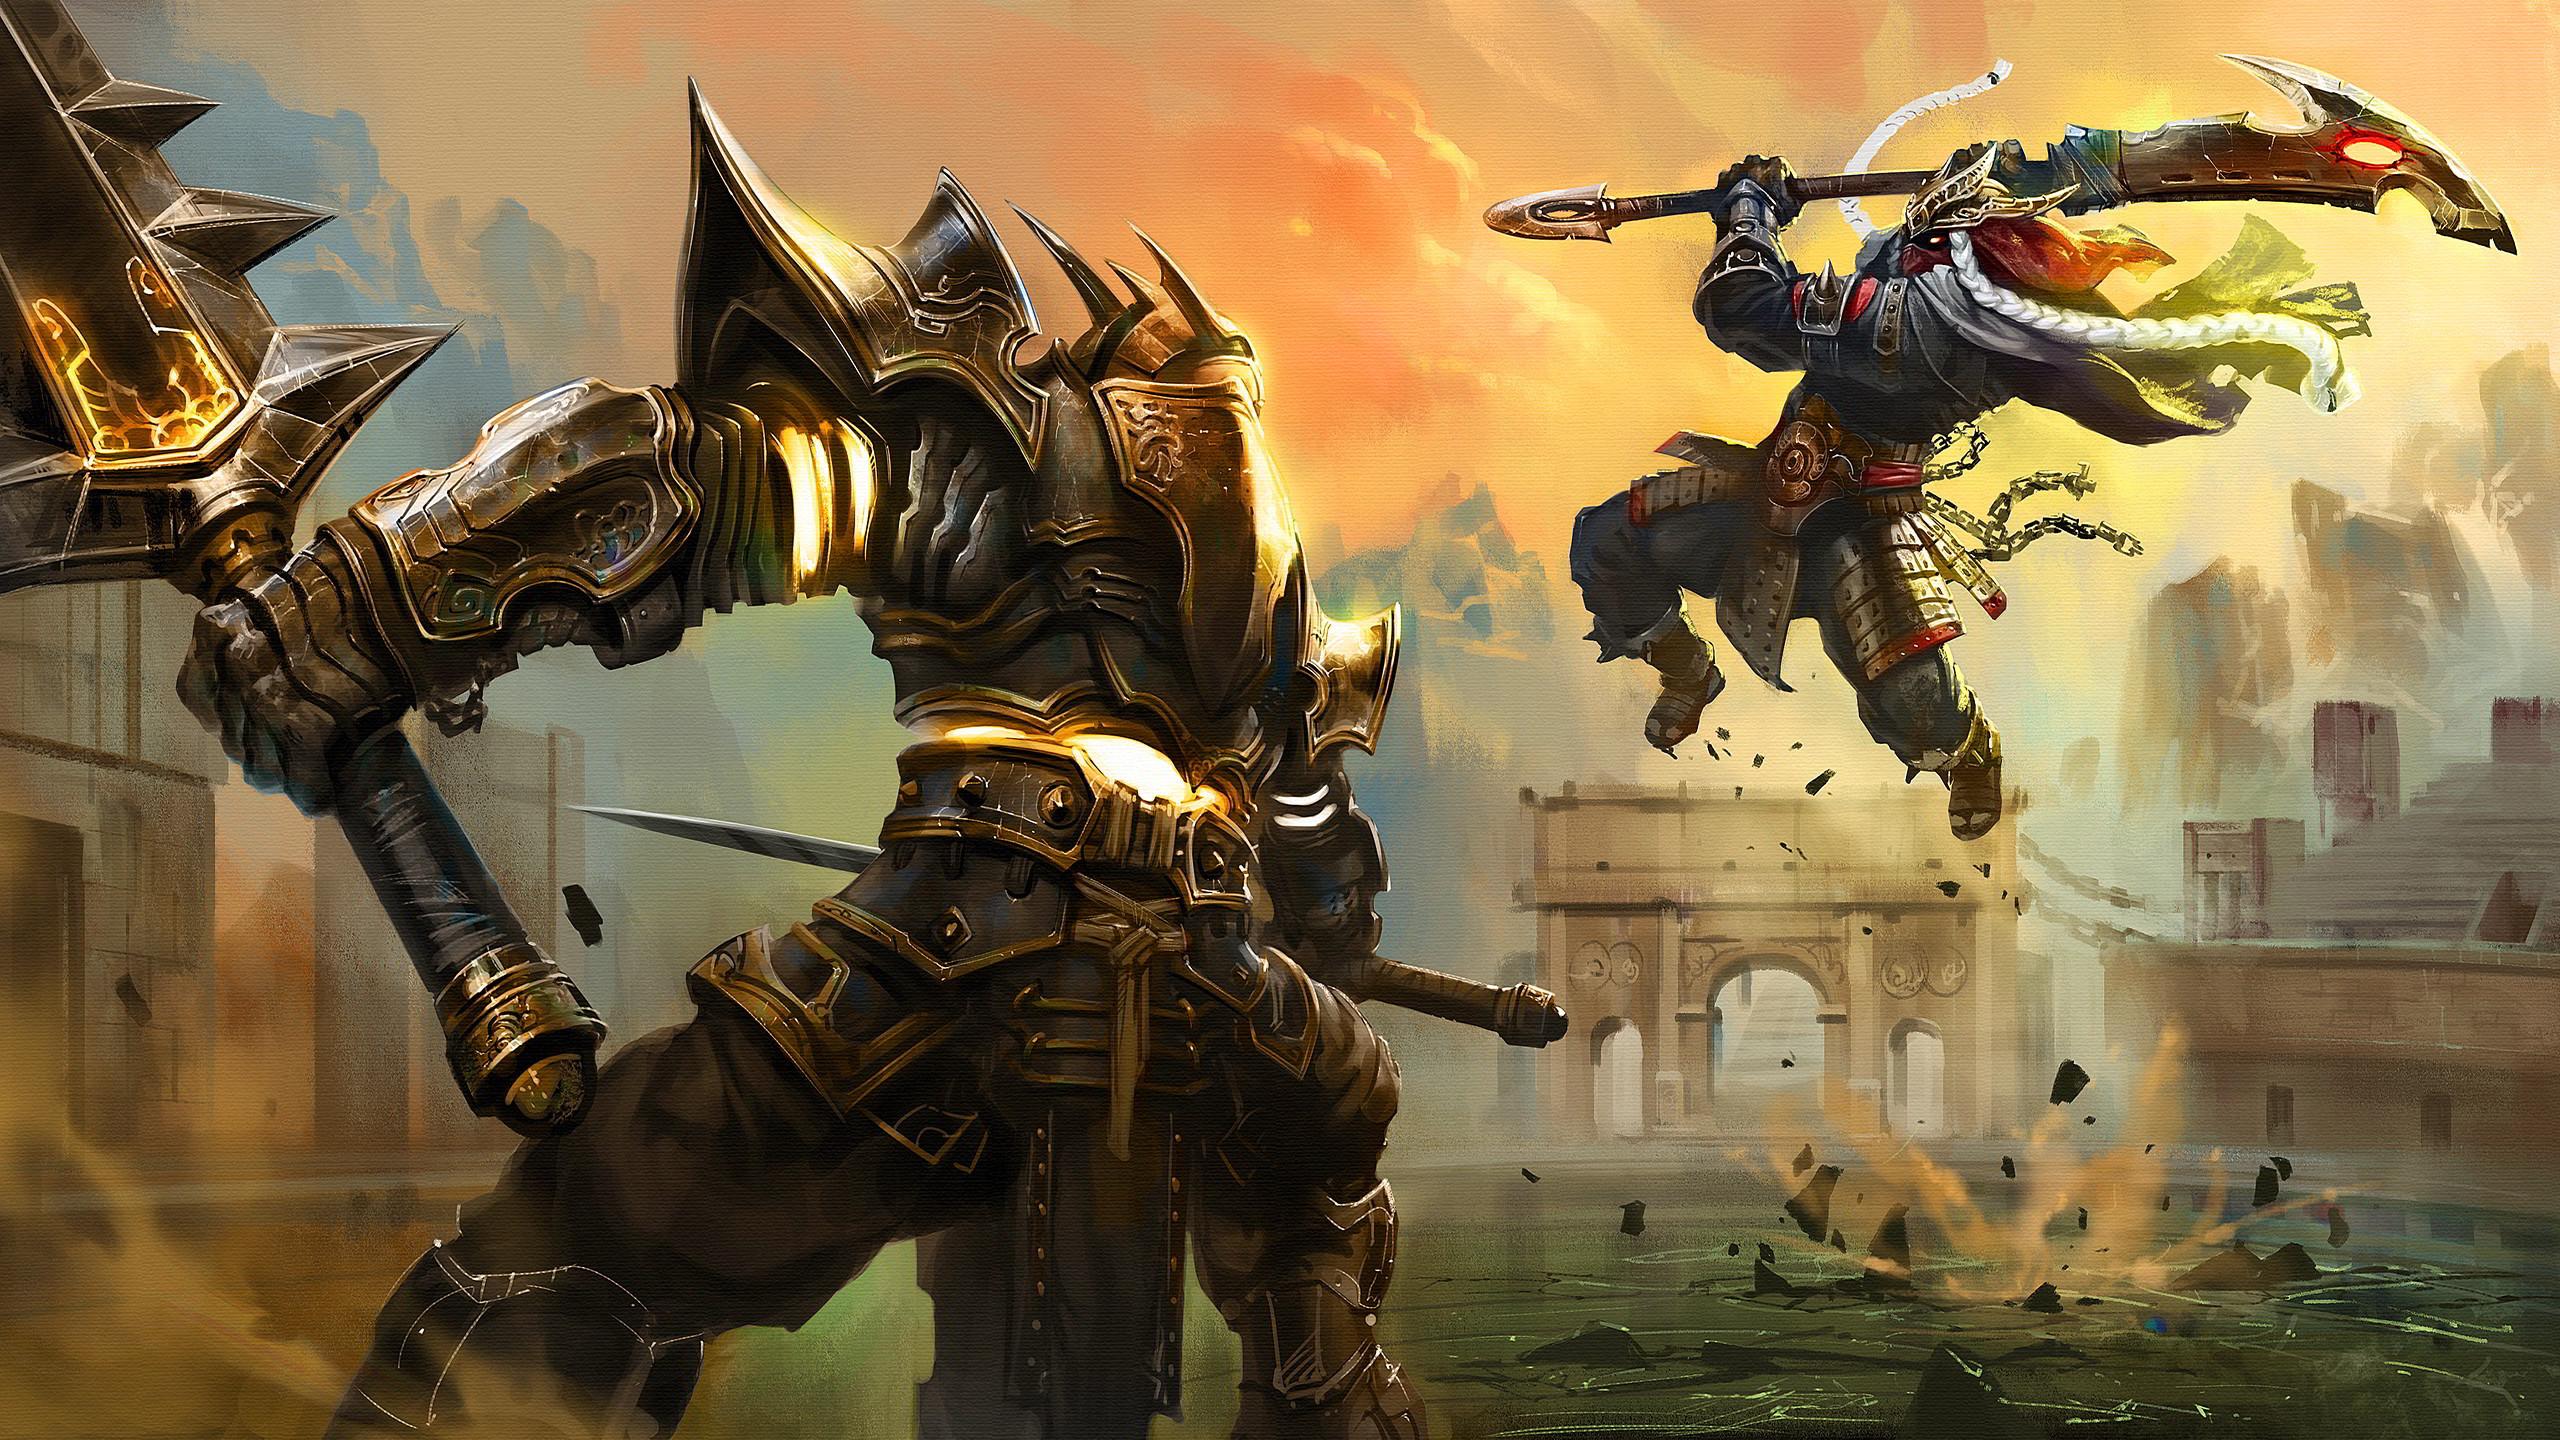 Res: 2560x1440, Battle